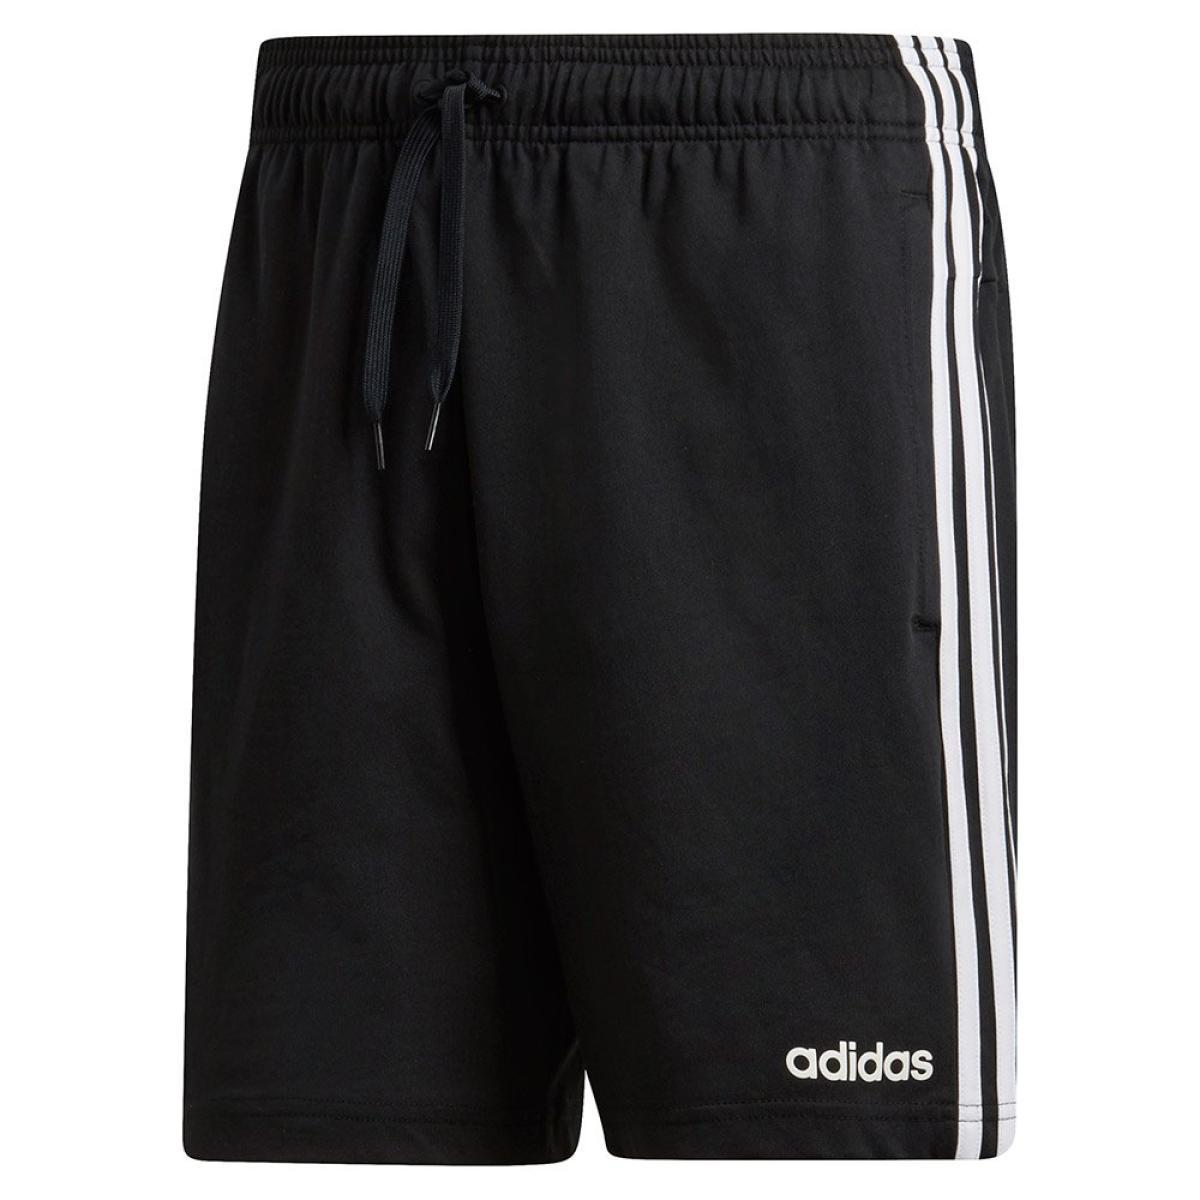 Shorts Adidas - 3s